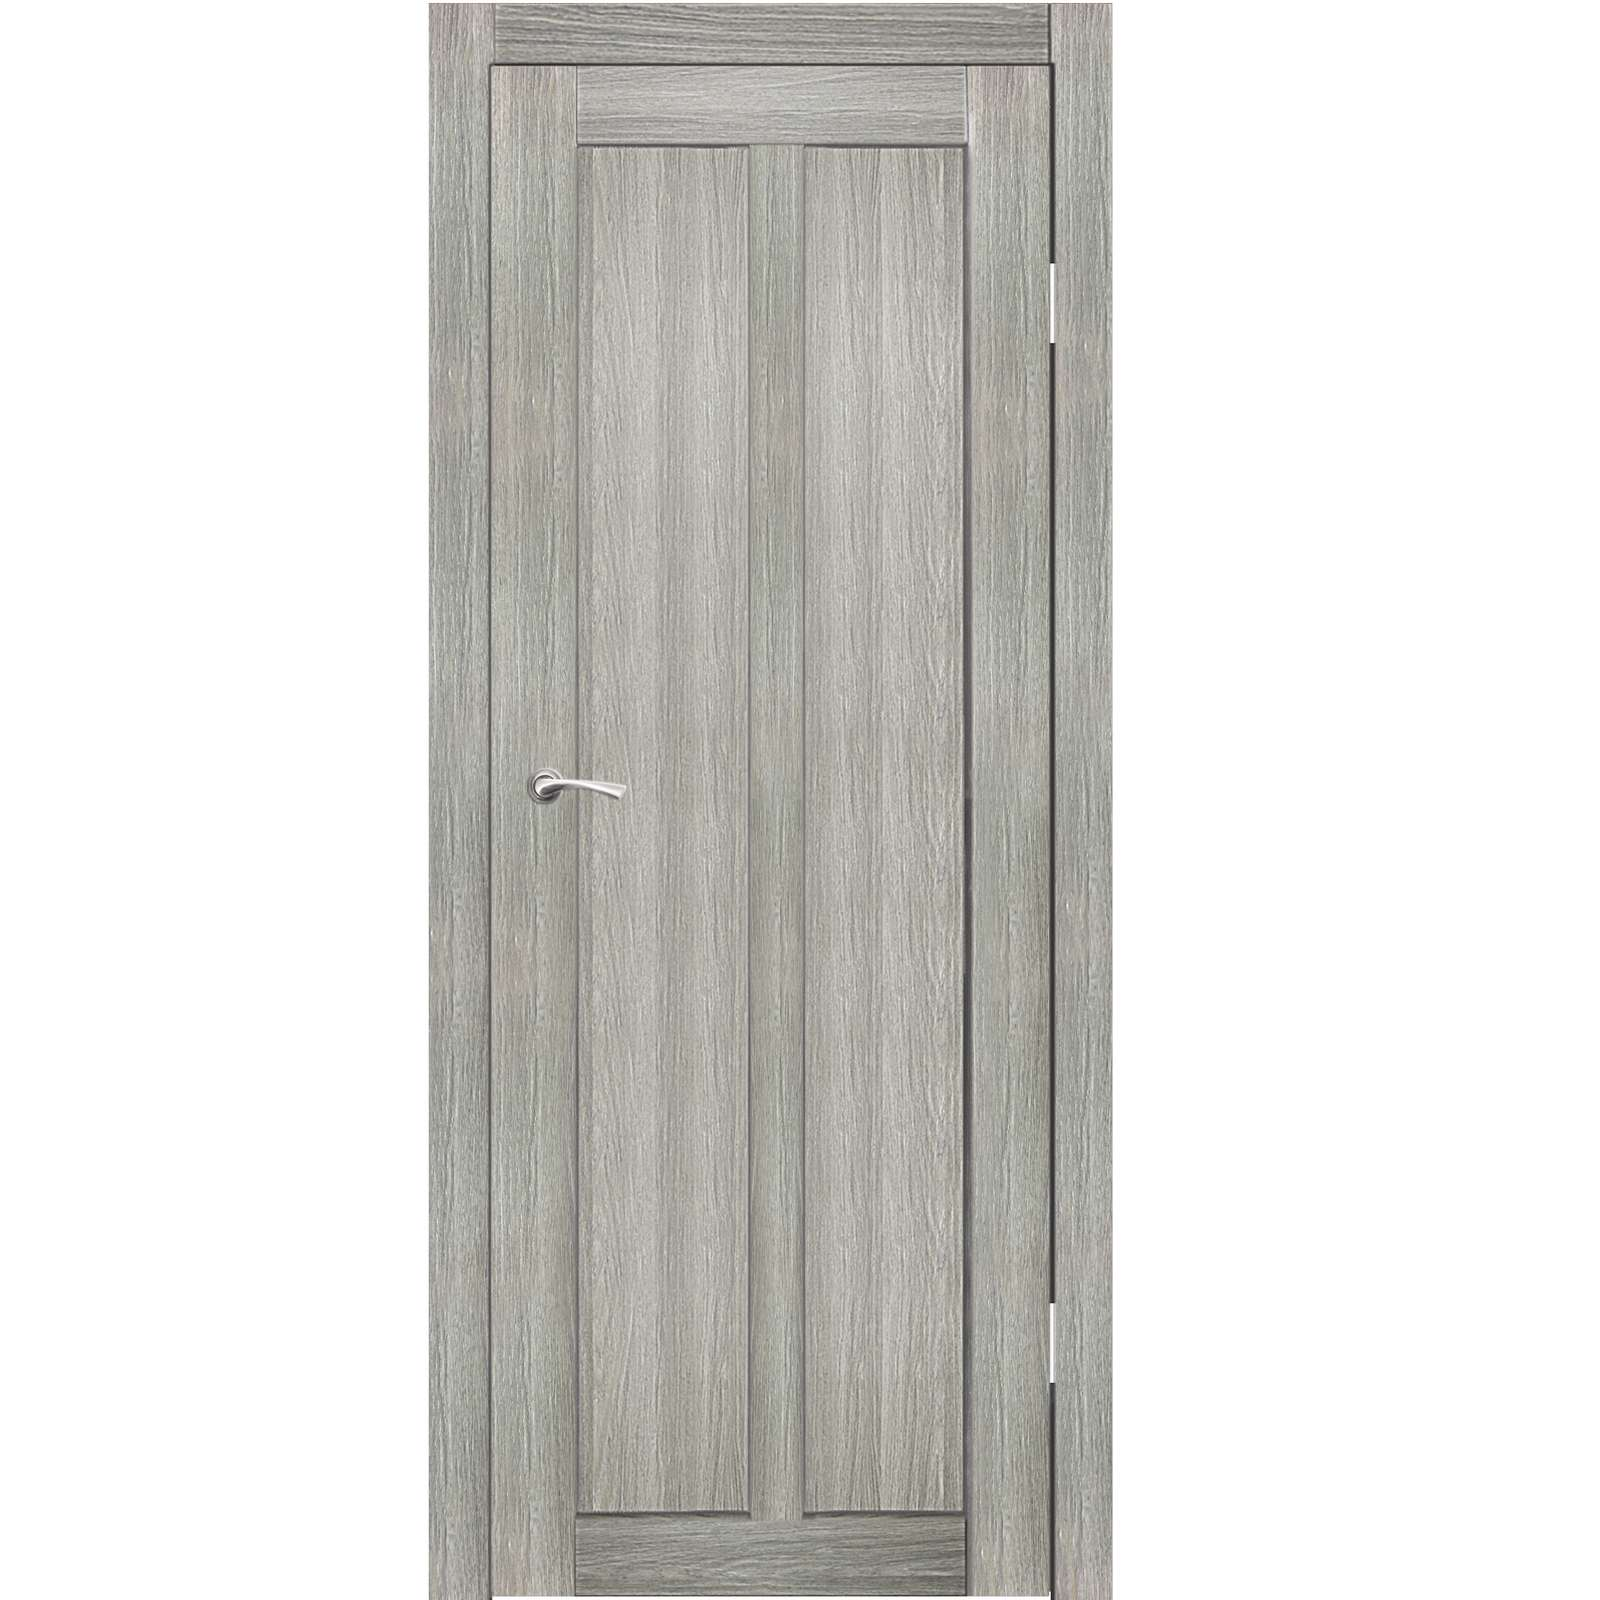 Полотно дверное глухое Орта СИНЕРЖИ ель ПВХ, ПДГ 600х2000мм